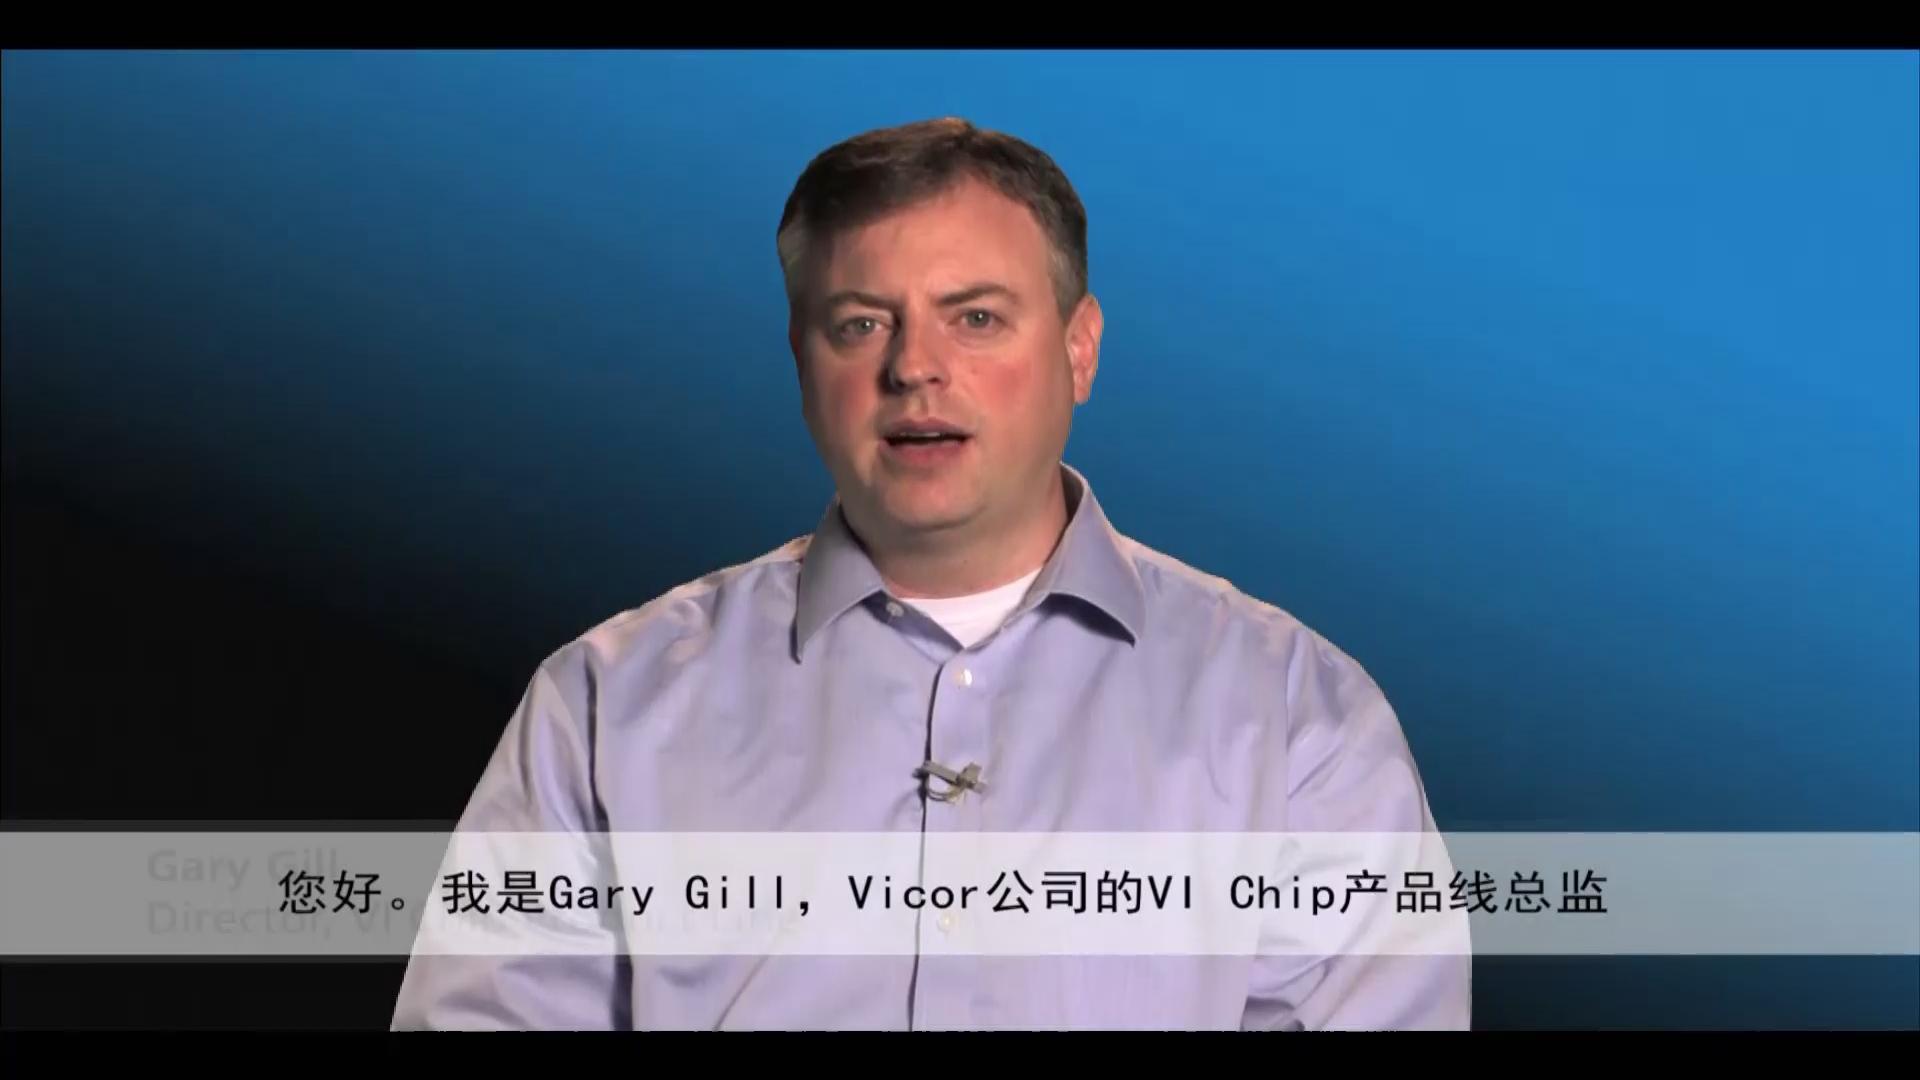 VI Chip高压母线转换模块1.2kW介绍